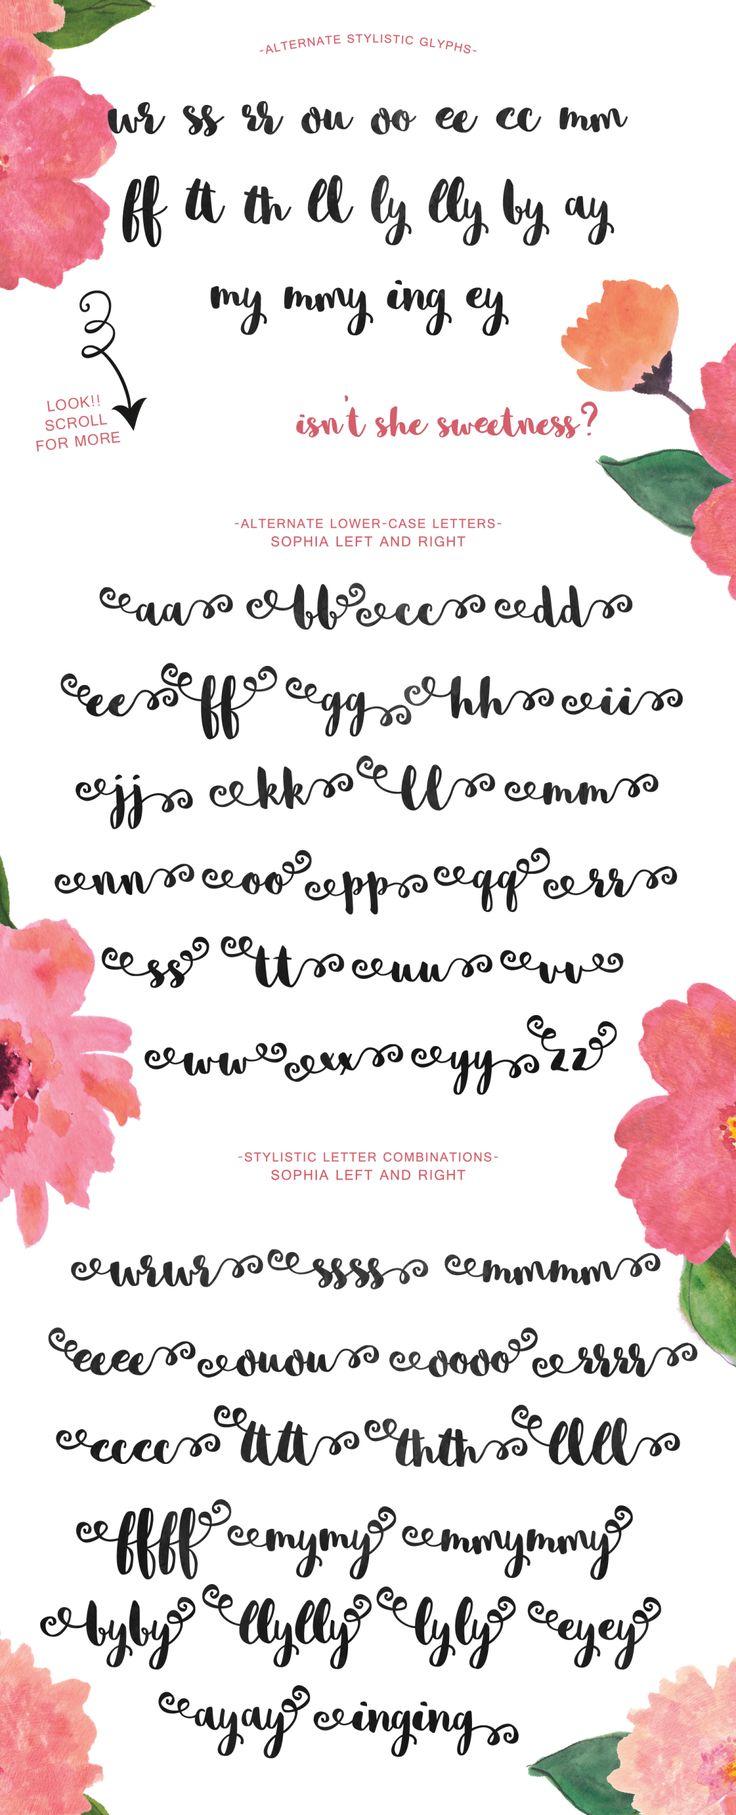 17 件の「「fonts」のアイデア探し - pinterest」のおすすめ画像